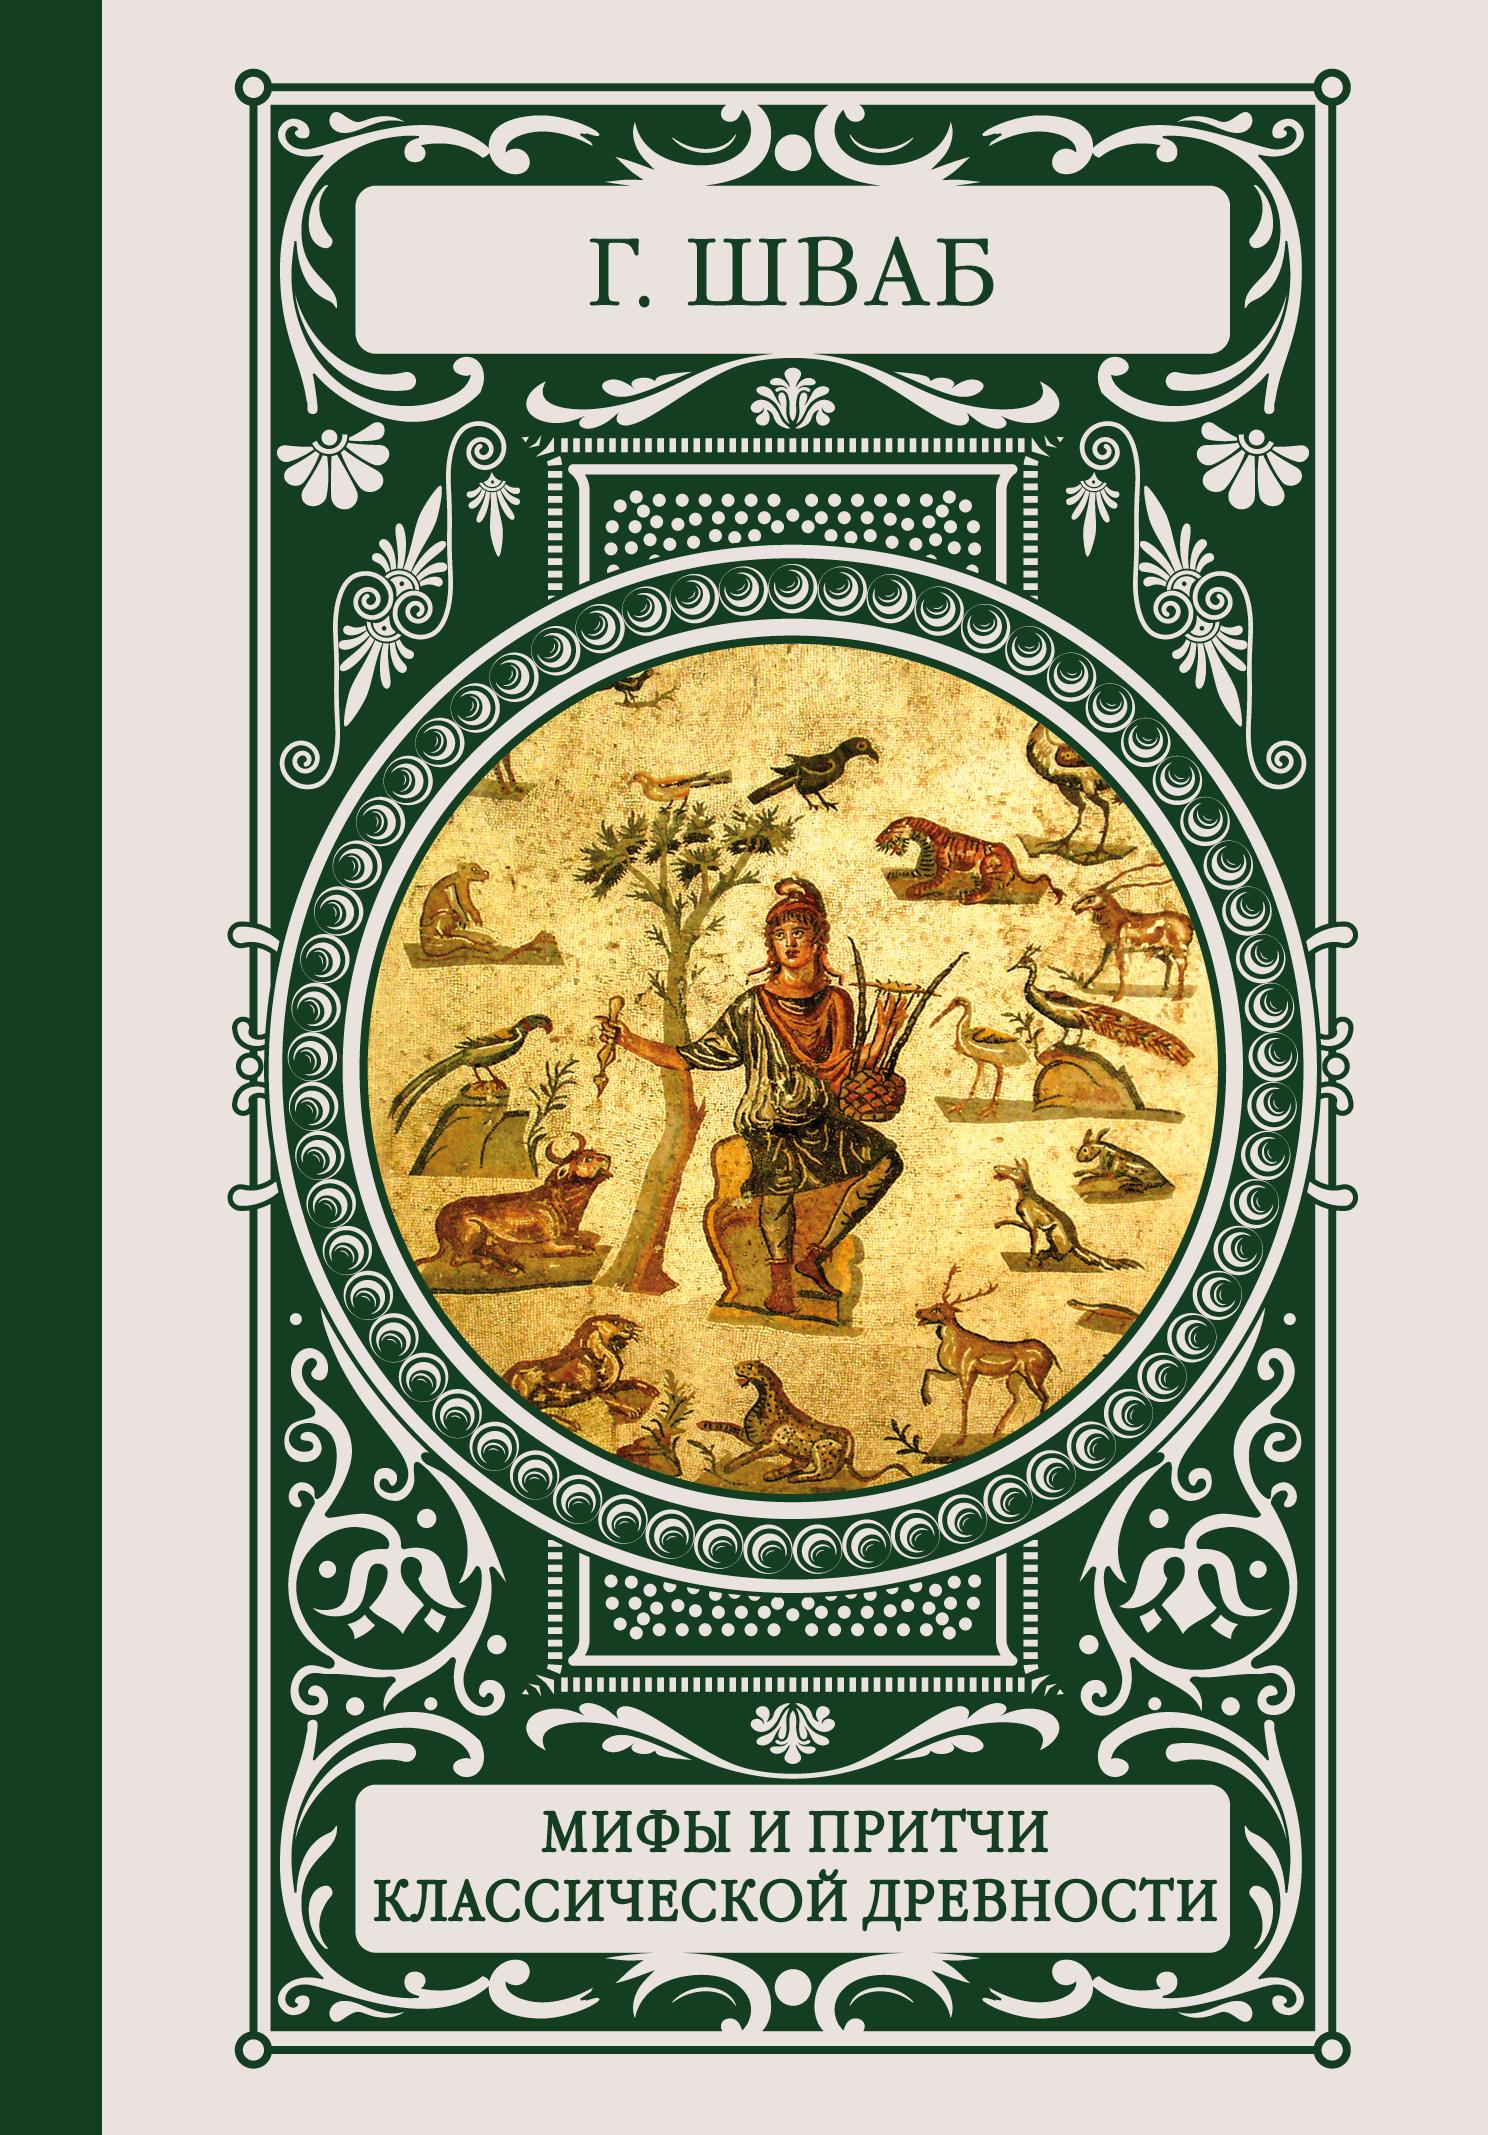 Шваб Г.Б. Мифы и притчи классической древности б в шергин отцово знанье поморские были и сказания